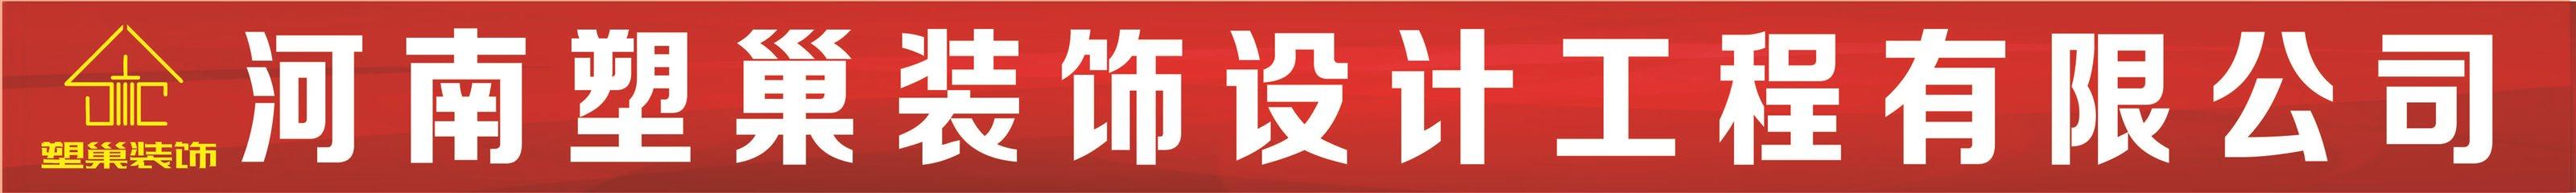 河南塑巢装饰设计工程有限公司